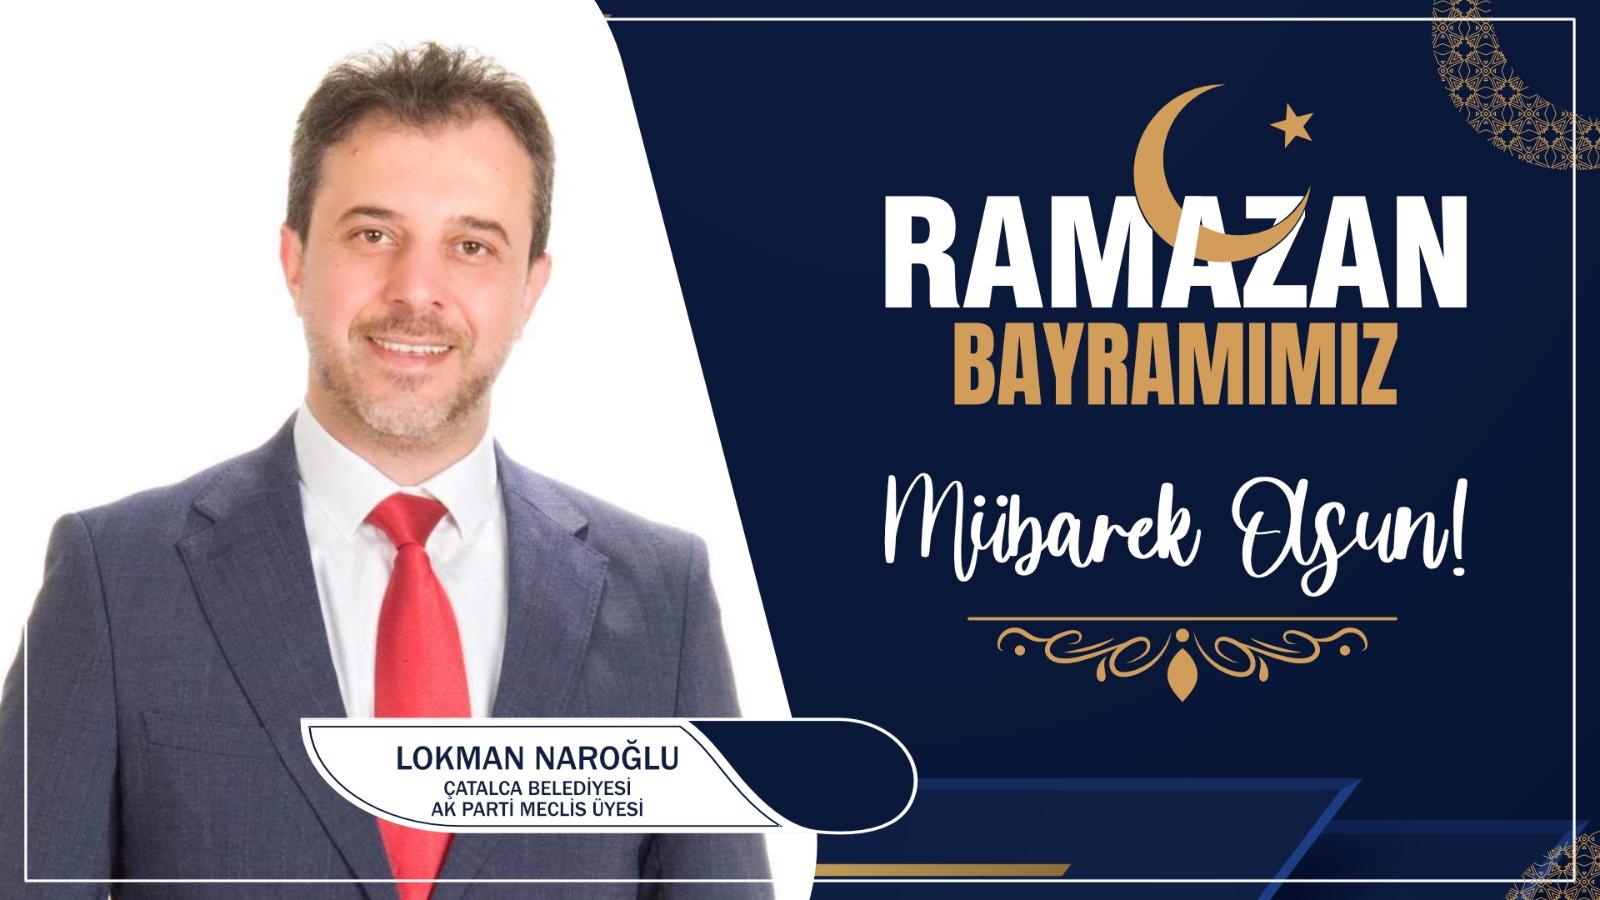 Lokman Naroğlu'ndan Ramazan Bayramı Kutlama Mesajı